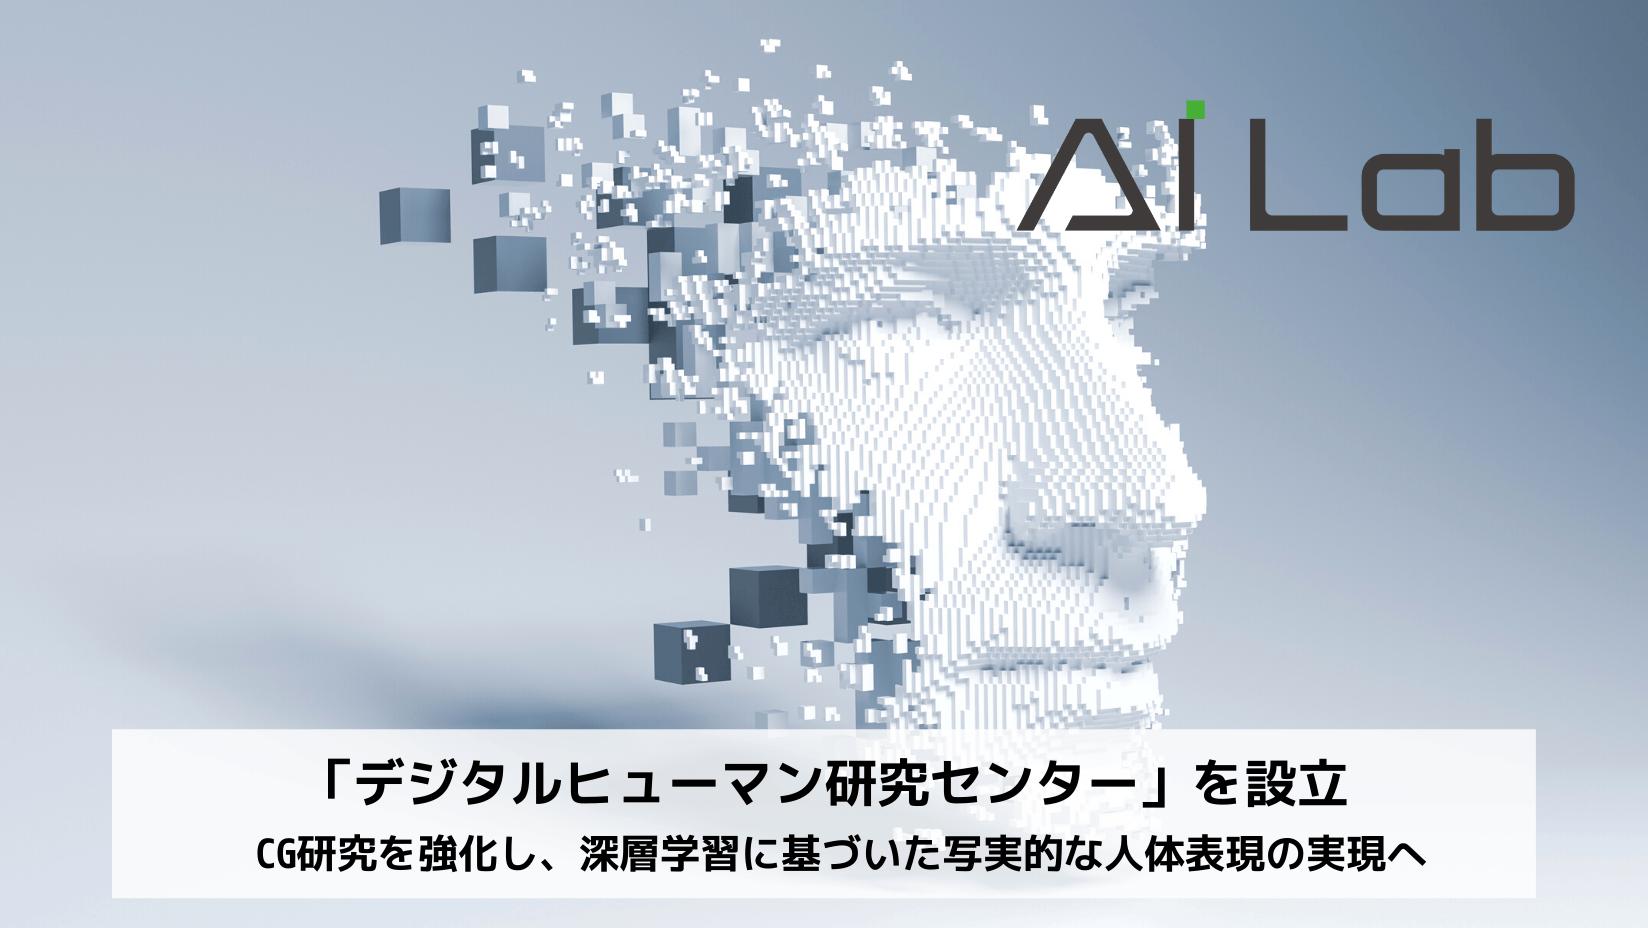 サイバーエージェントのAI Lab、「デジタルヒューマン研究センター」を新設